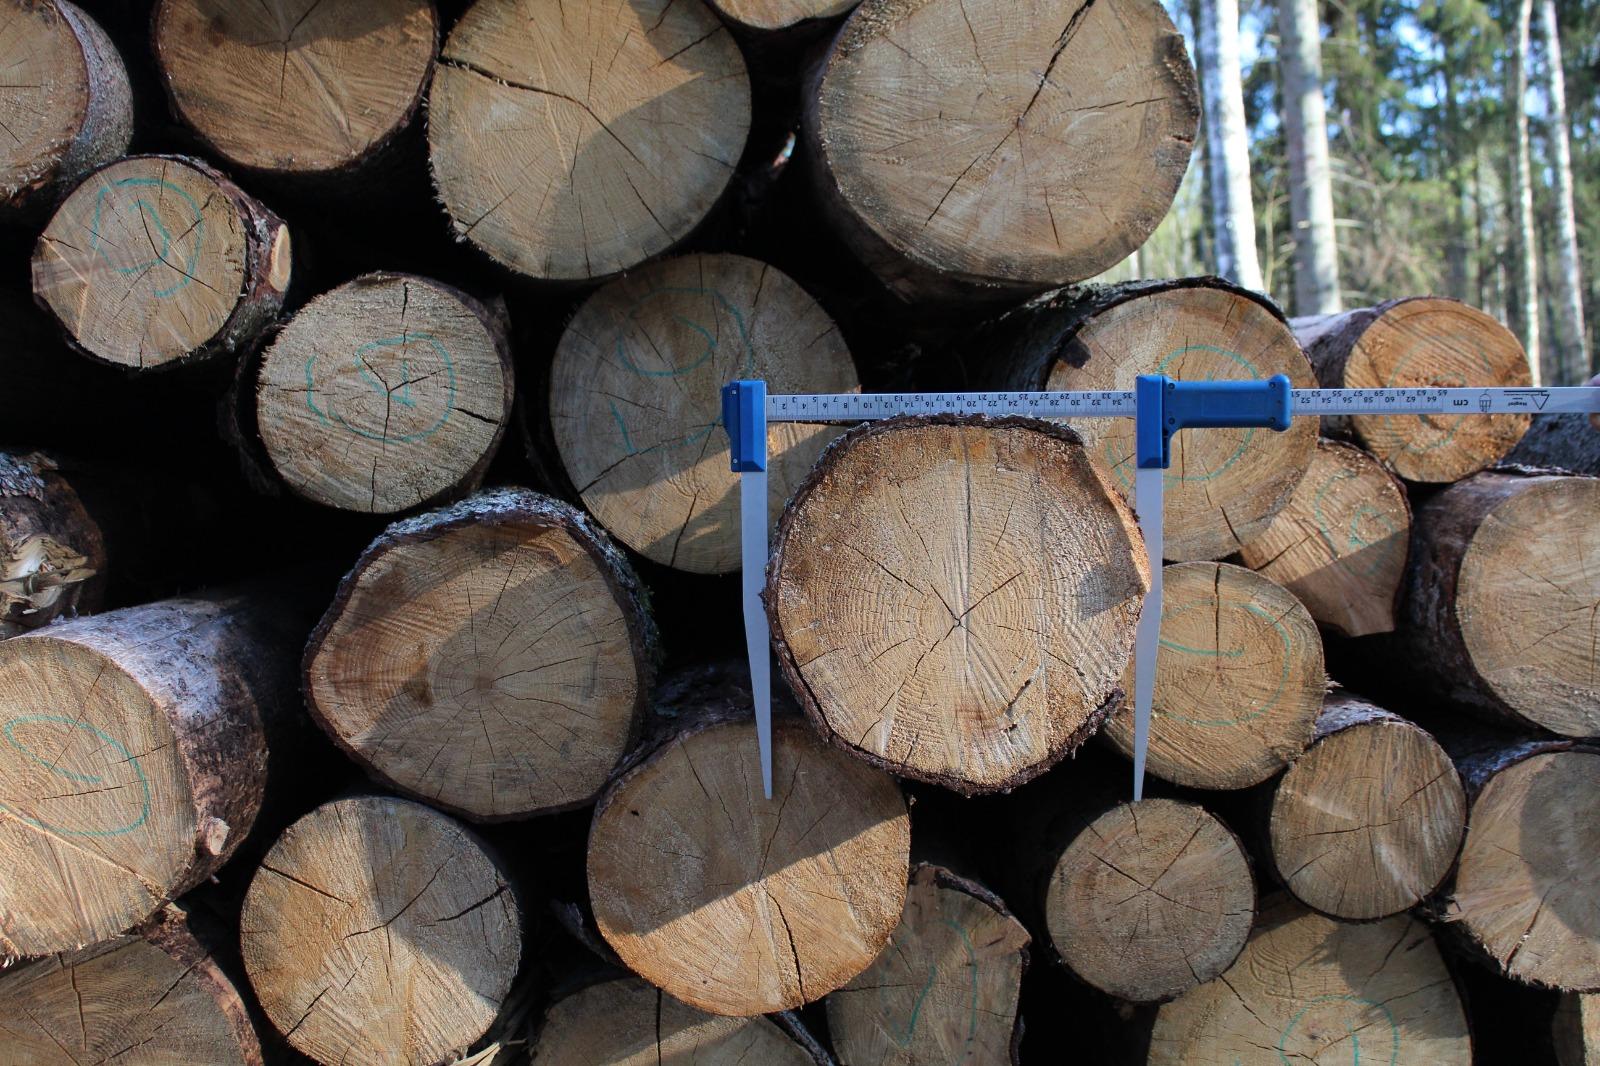 Apaļo kokmateriālu uzmērīšana un kvalitātes prasības